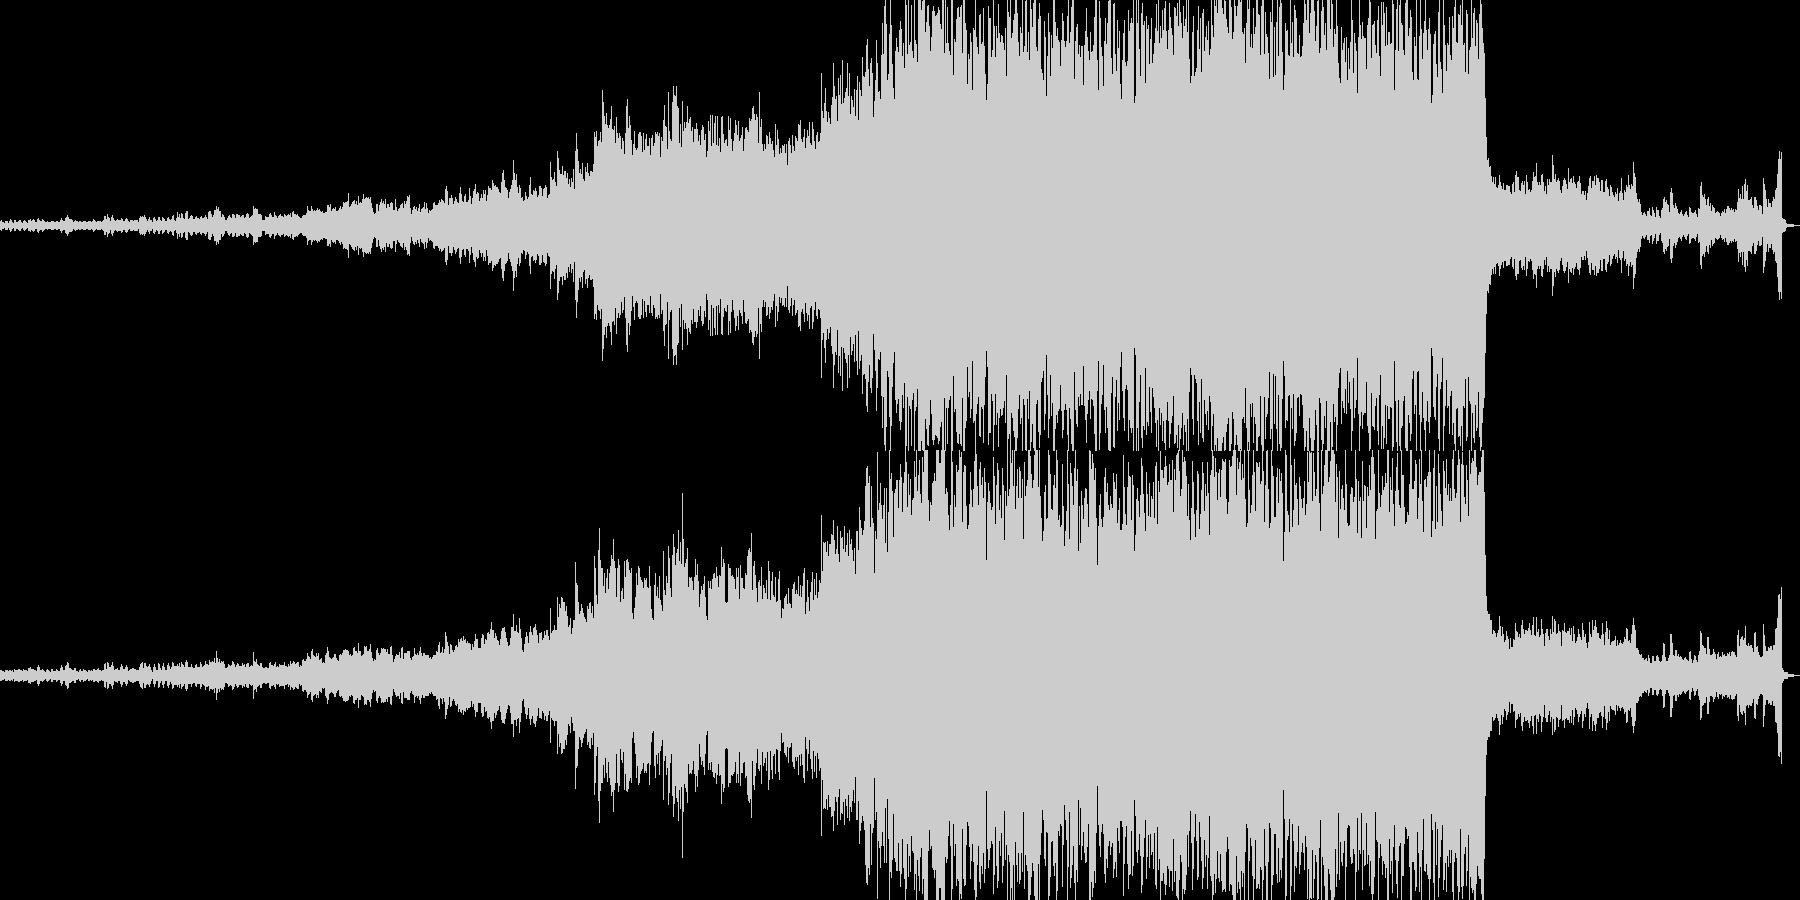 切ないオーケストラサウンドとシンセの融合の未再生の波形